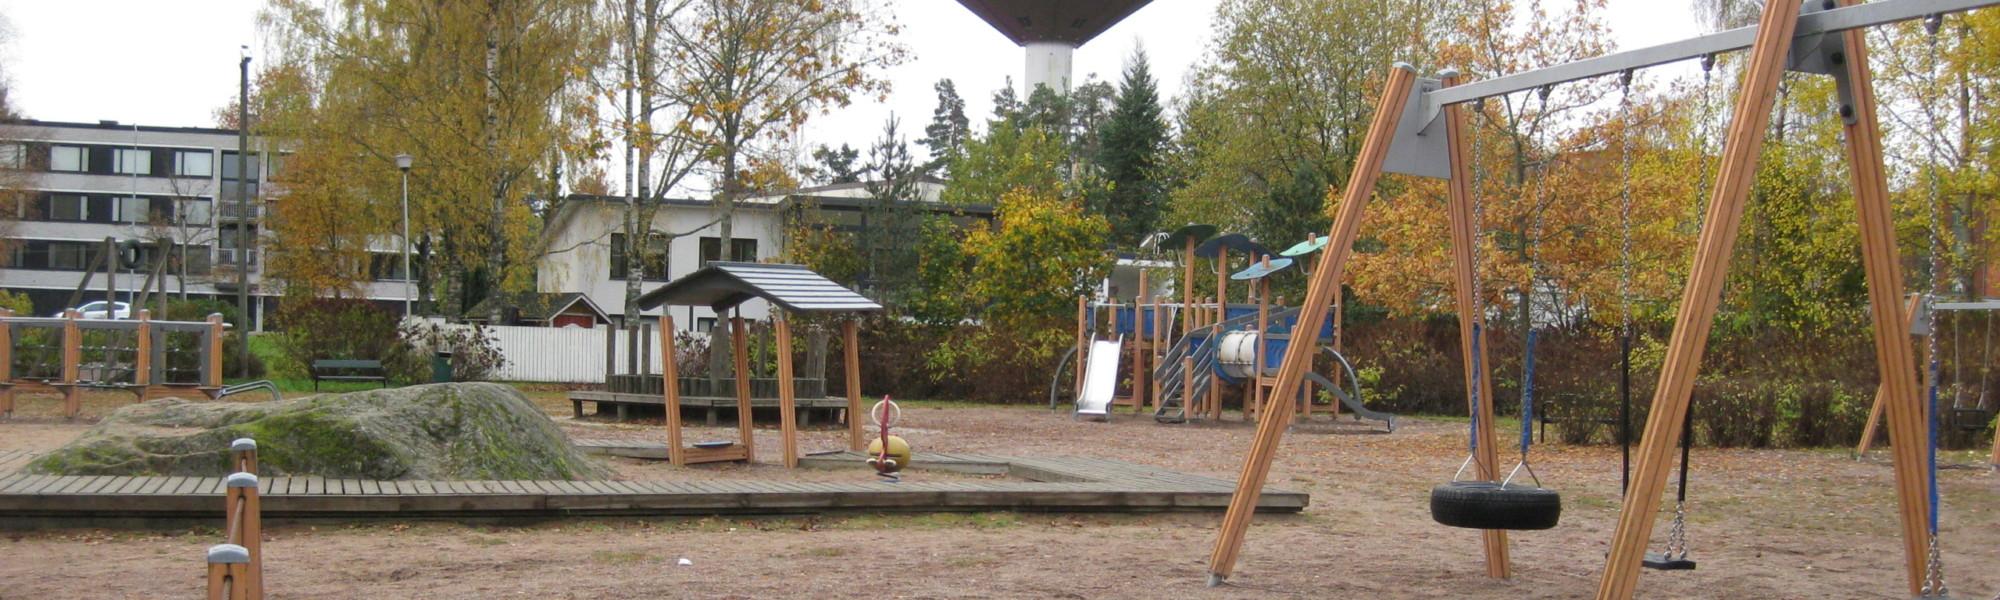 Kuvassa on Helilänpuiston leikkipaikka